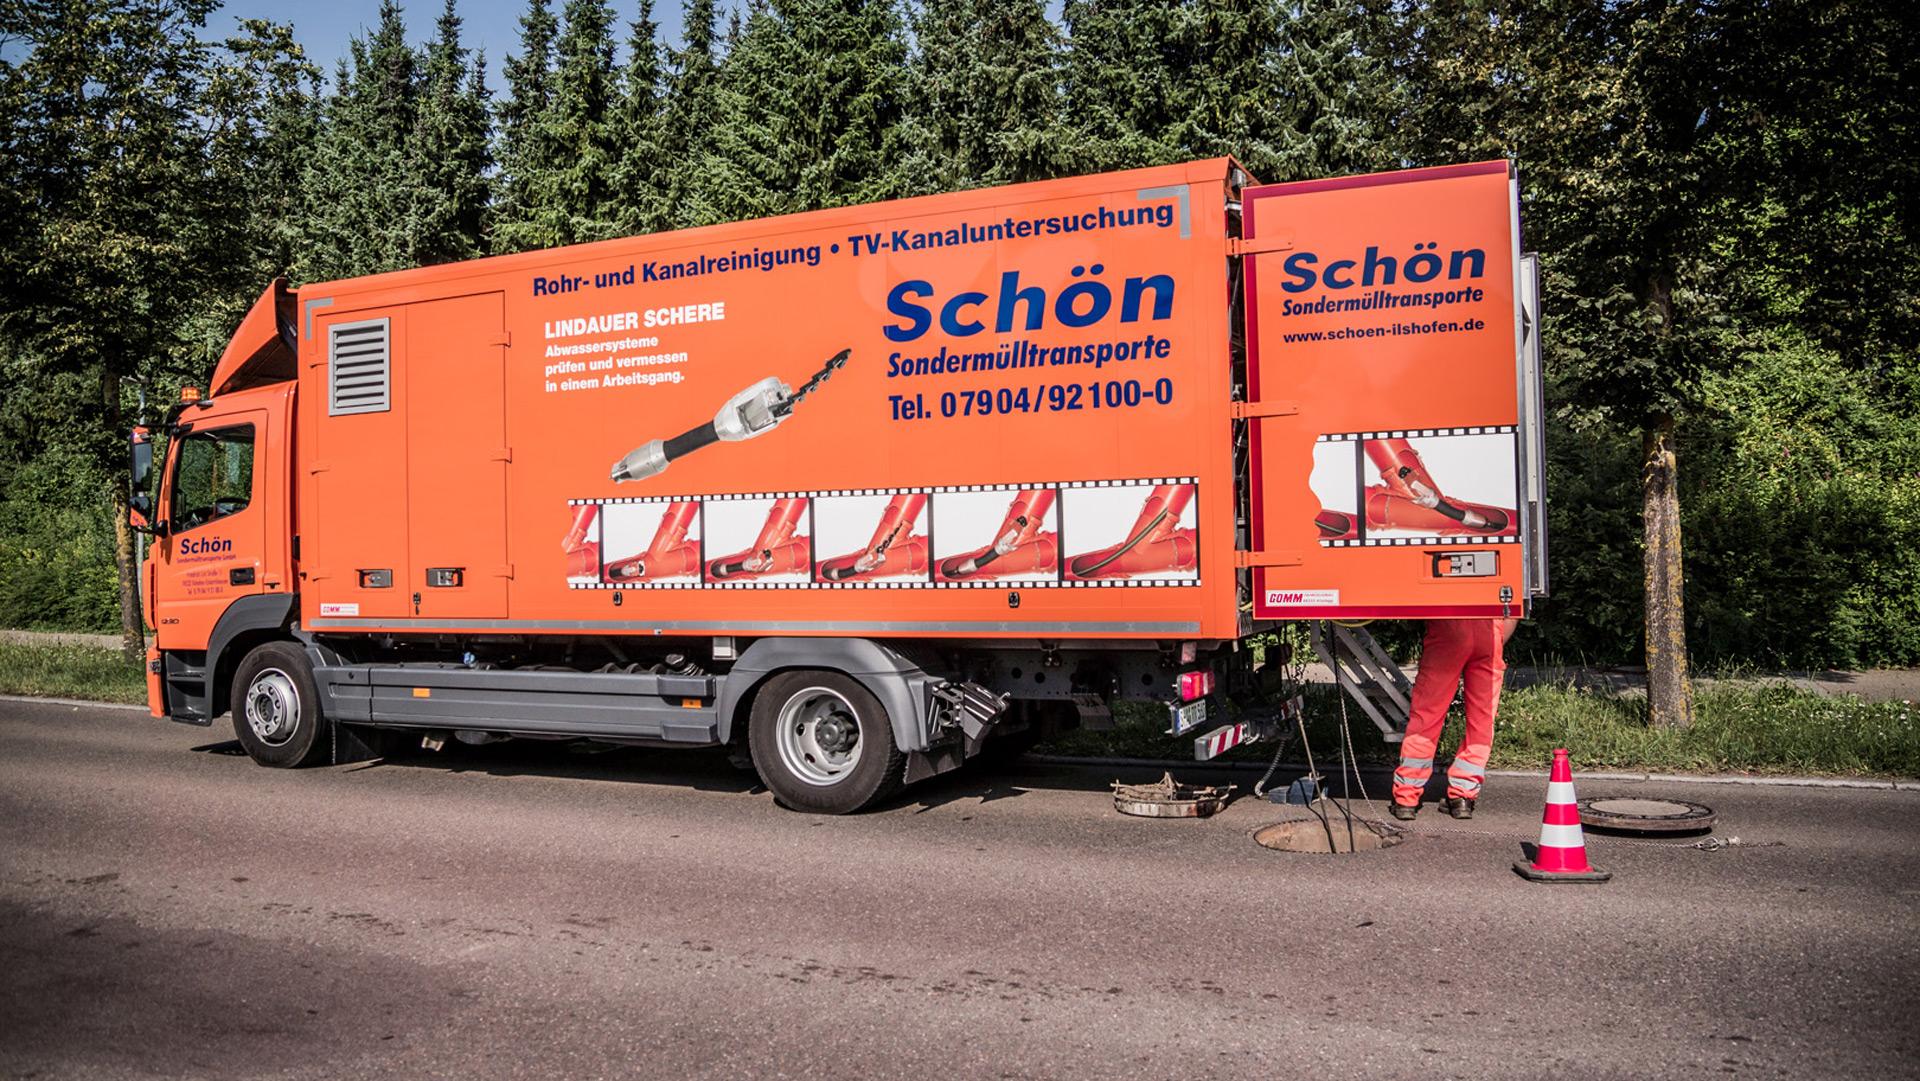 Lindauer Schere Fahrzeug